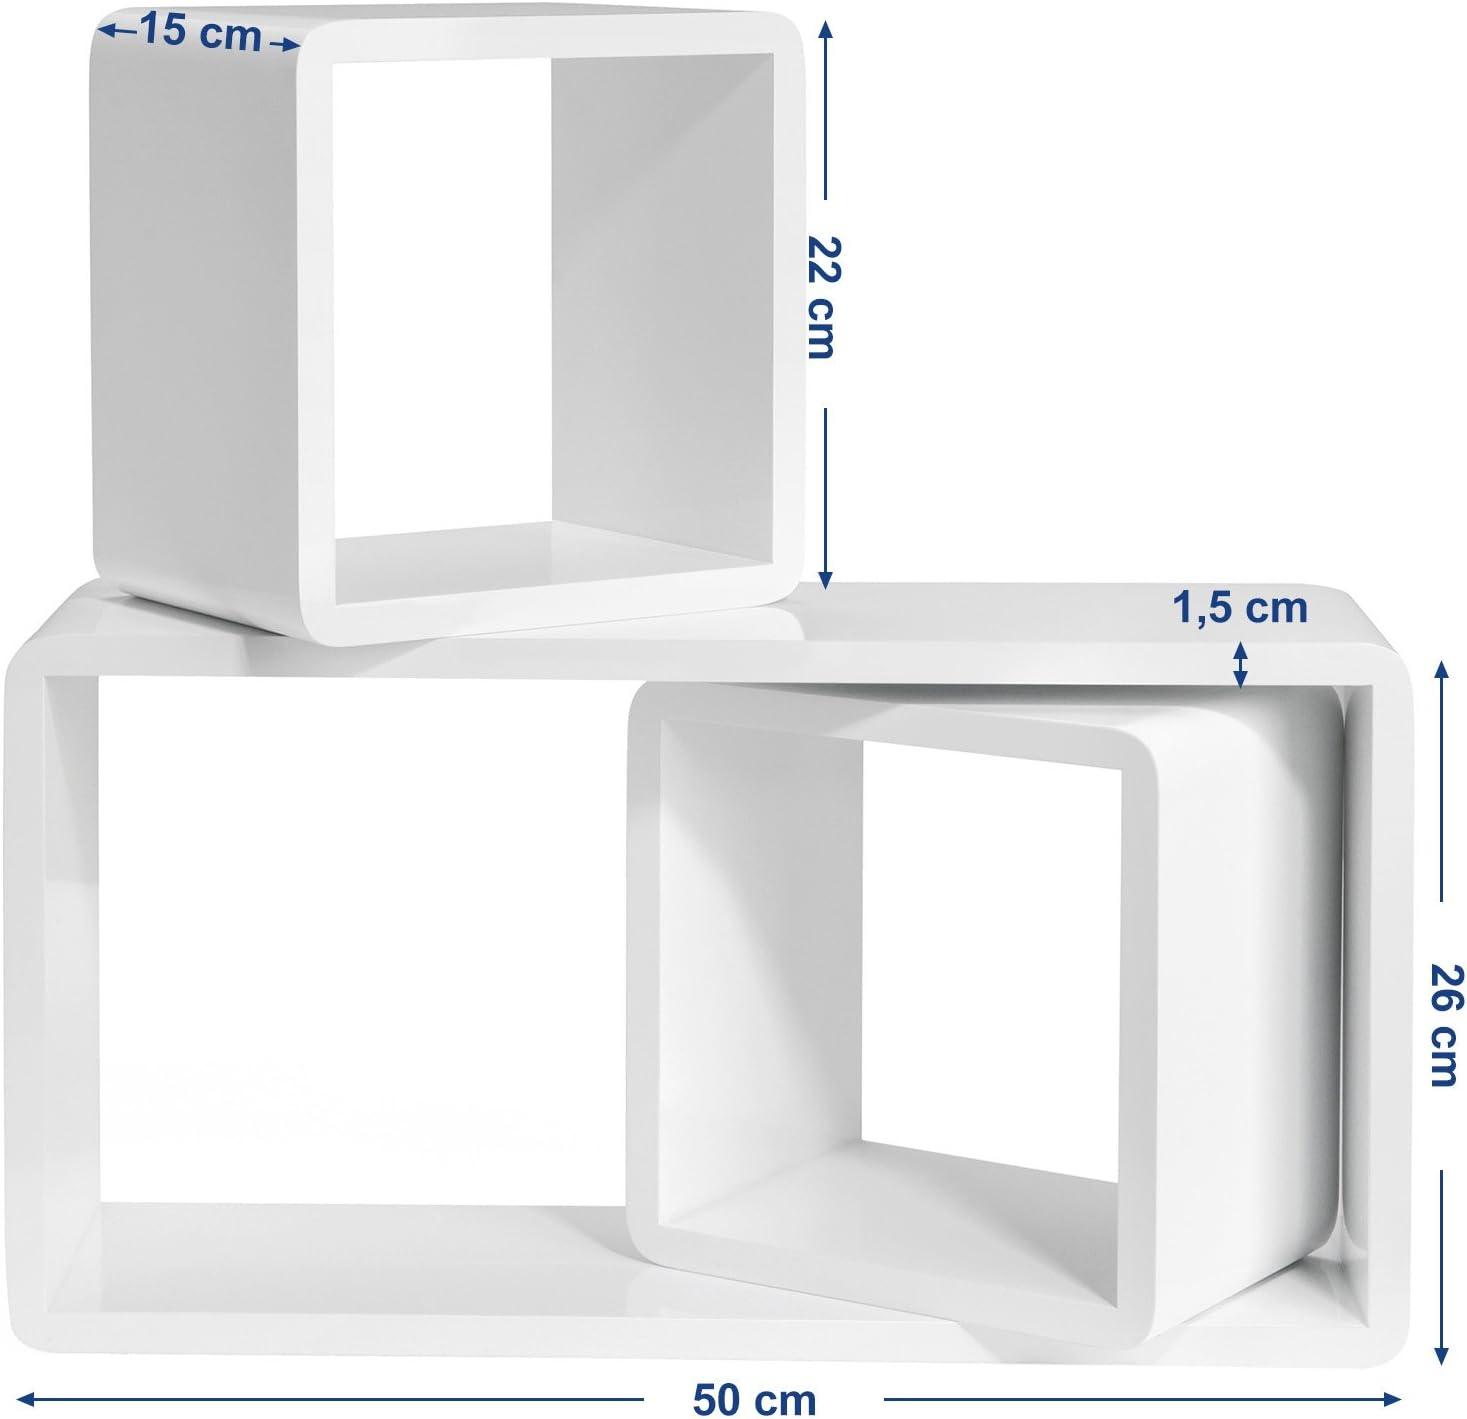 songmics etageres murales lot de 3 etageres suspendues tablettes flottantes longueur 50 22 et 22 cm profondeur 15 cm pour chambre salon